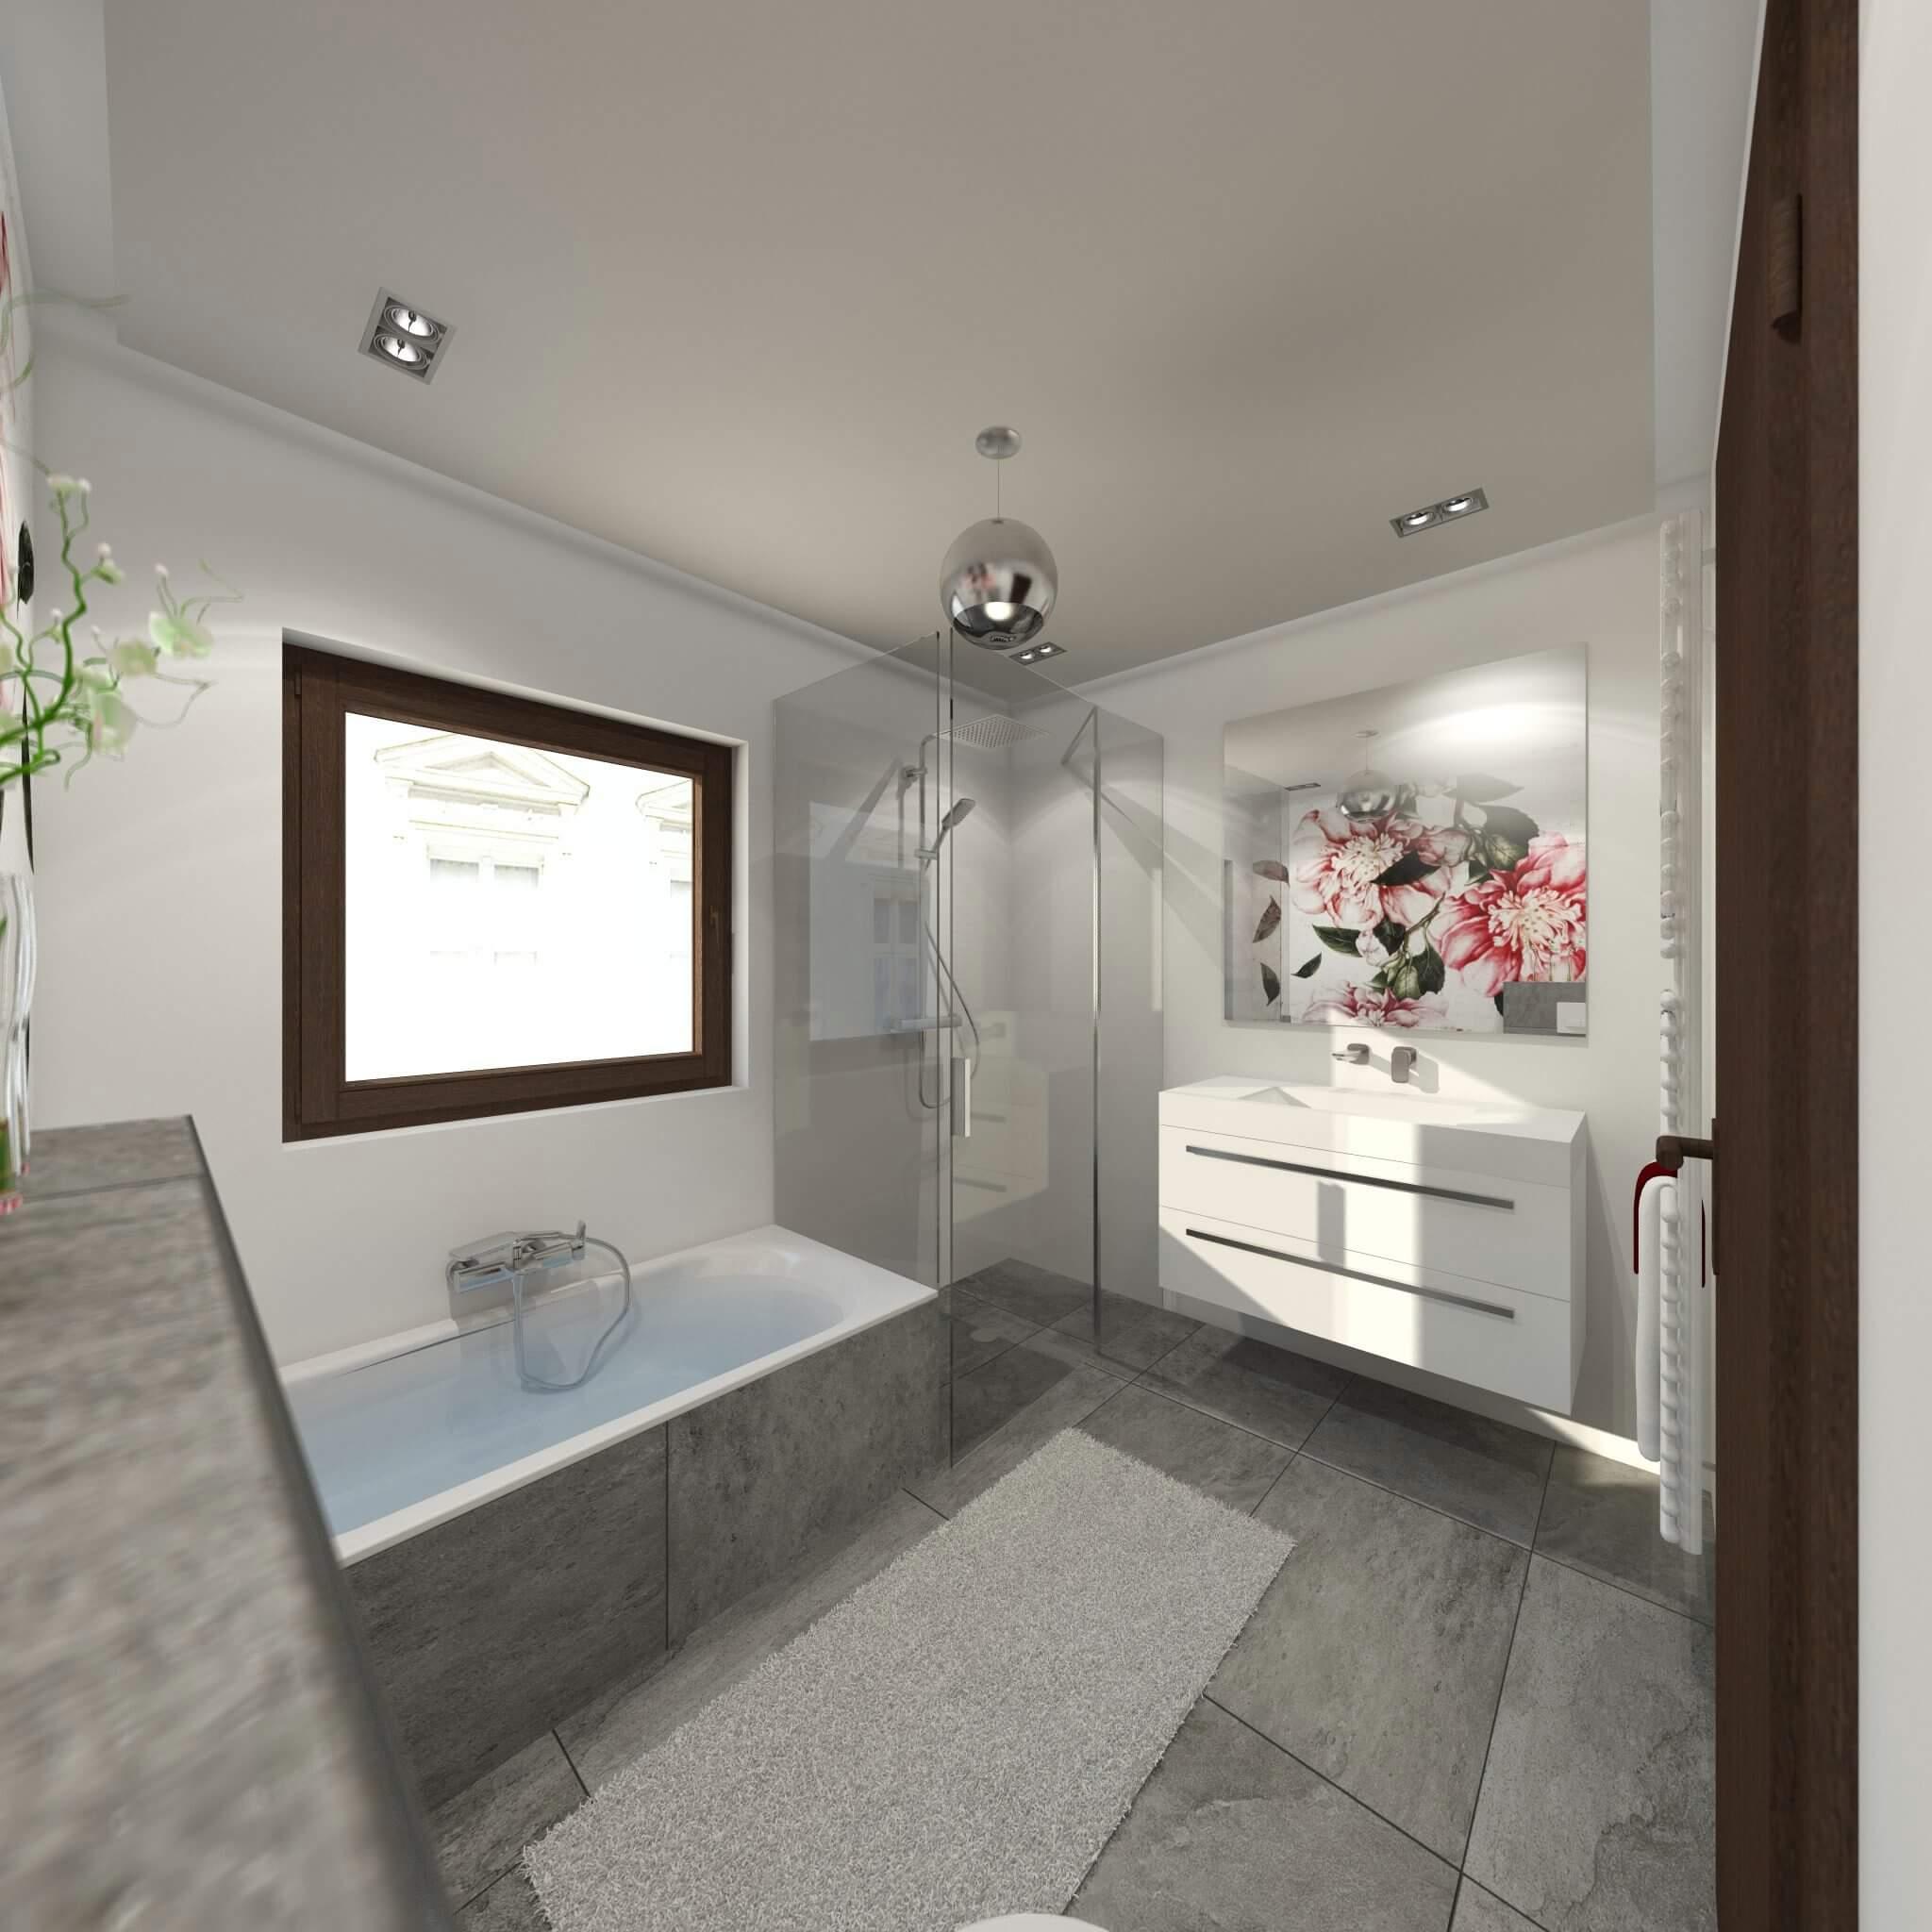 Badezimmer planen mit Design in Bonn, Köln und Düsseldorf